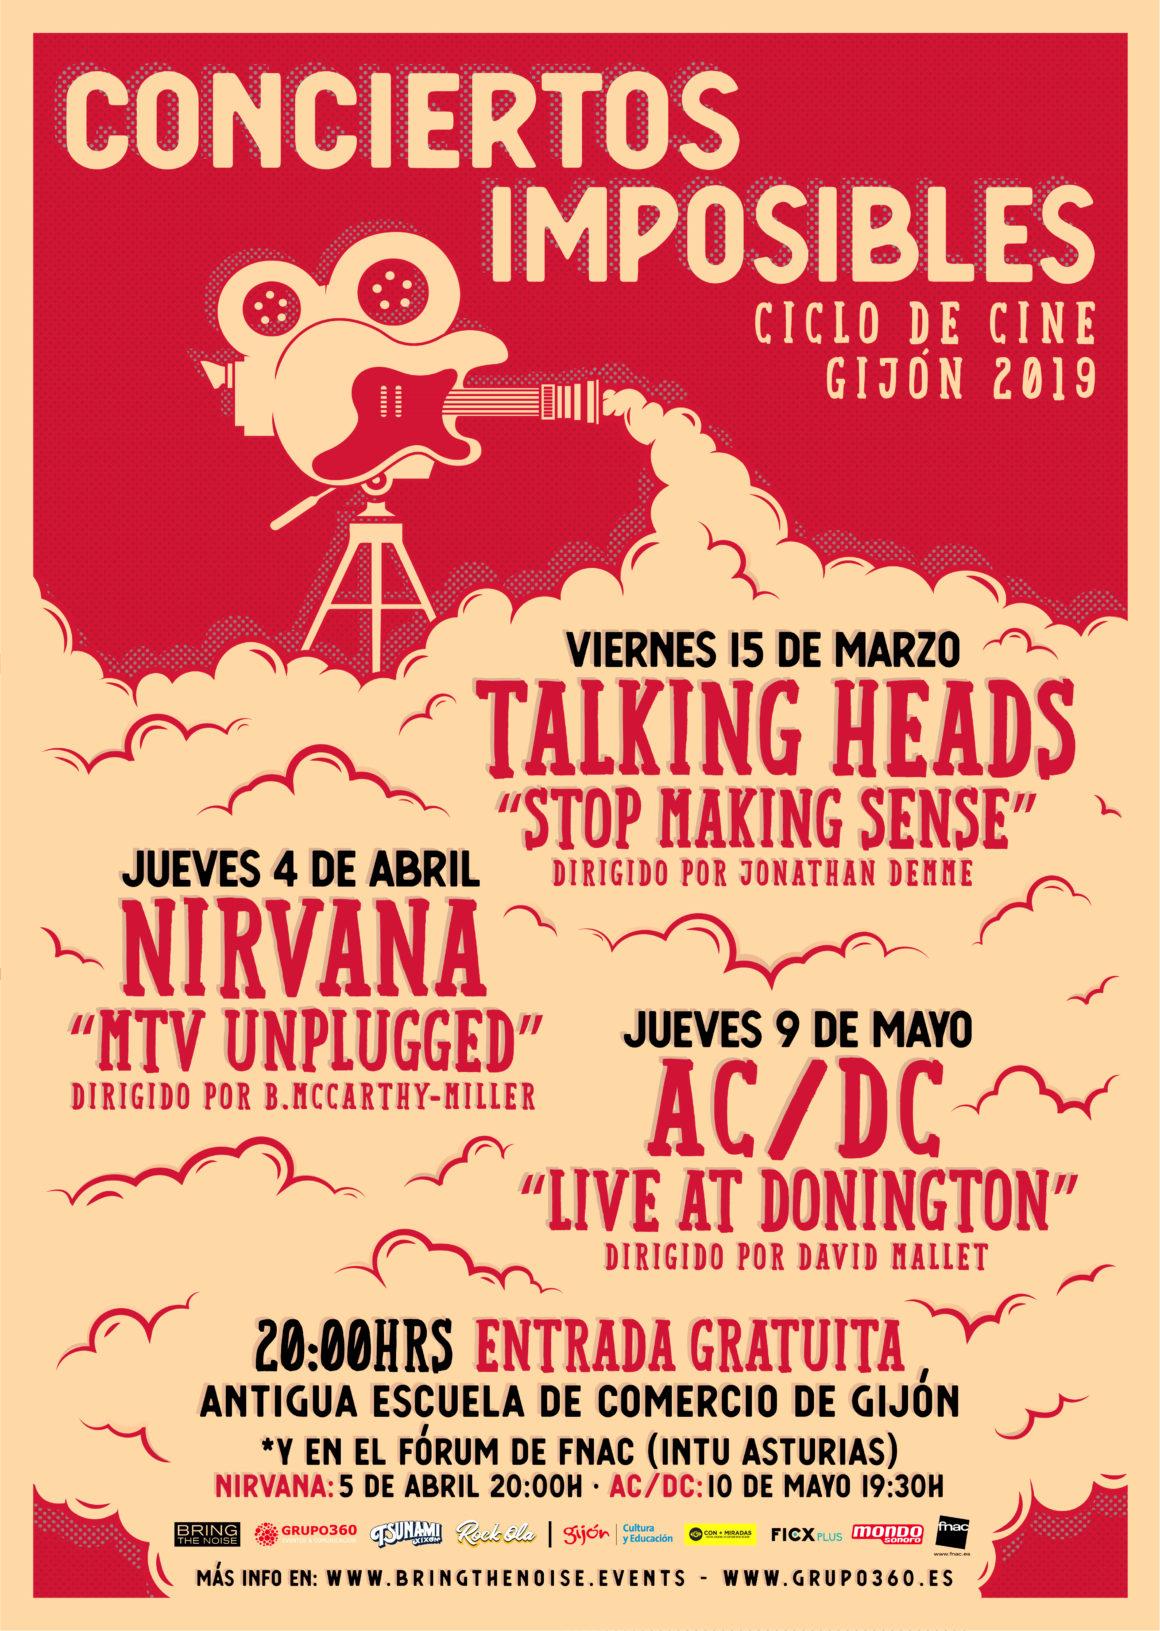 Conciertos Imposibles Gijón 2019